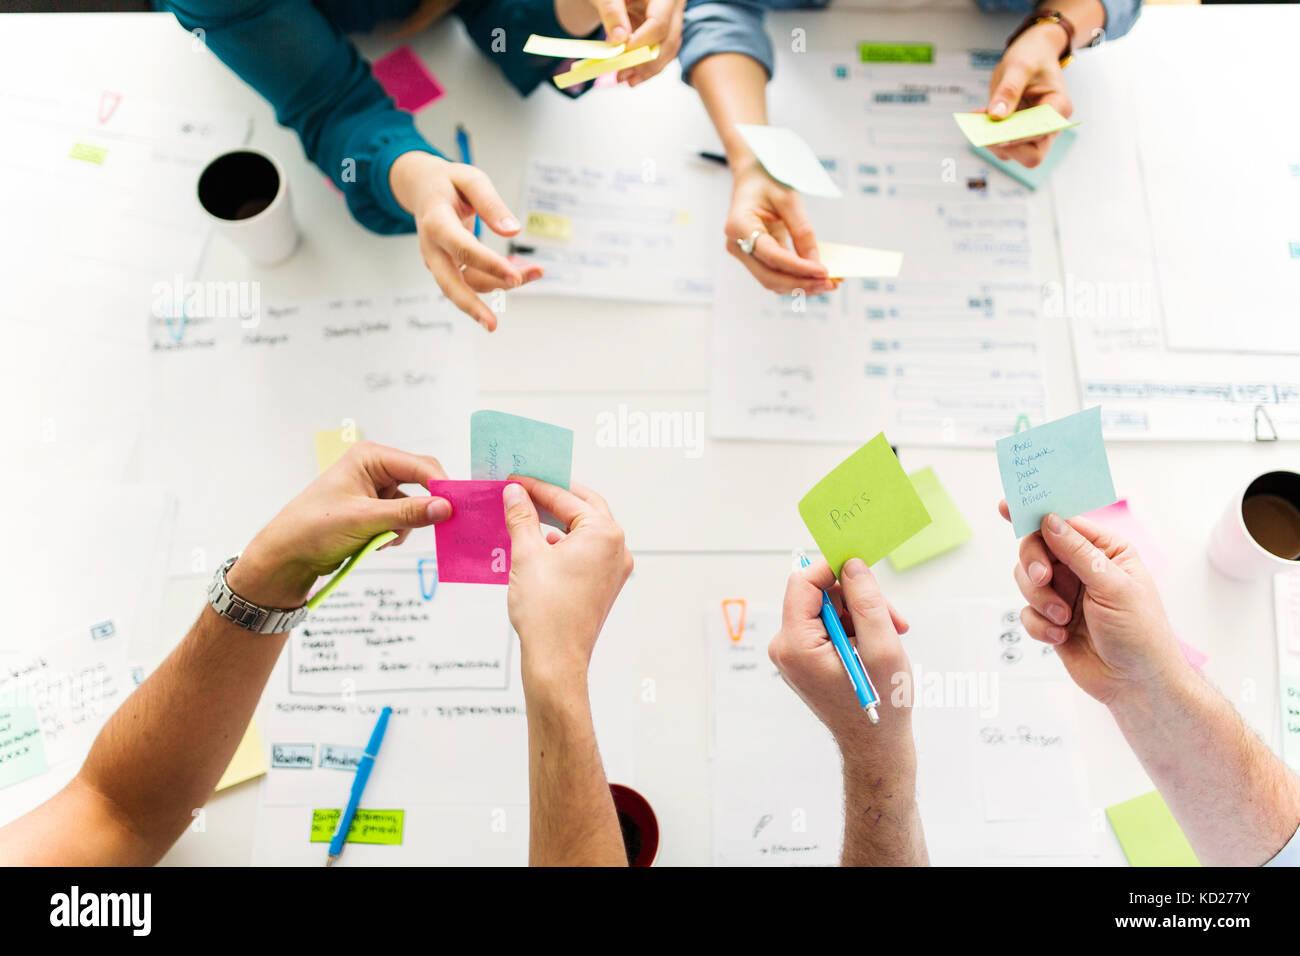 À l'aide de collègues notes adhésives au cours de réunion d'affaires Photo Stock